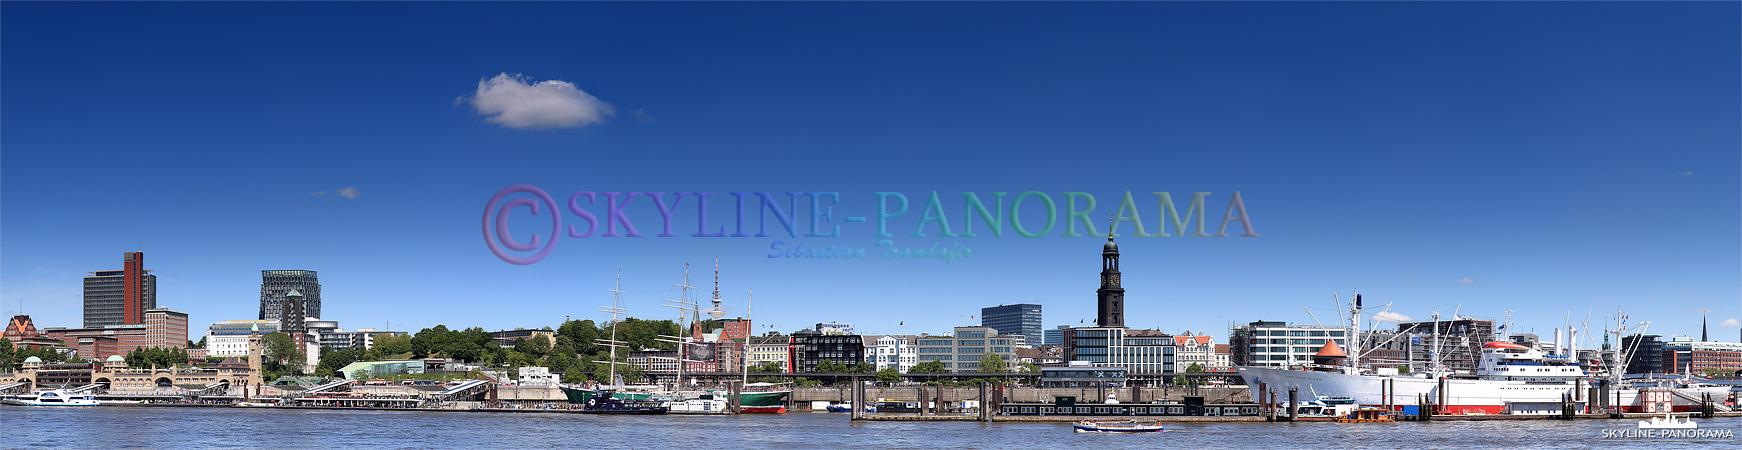 Panorama auf die Landungsbrücken der Stadt Hamburg mit dem Blick auf den Pegelturm, die historischen Schiffe Rickmer Rickmers und Cap San Diego, sowie die Sankt Michaelis Kirche.